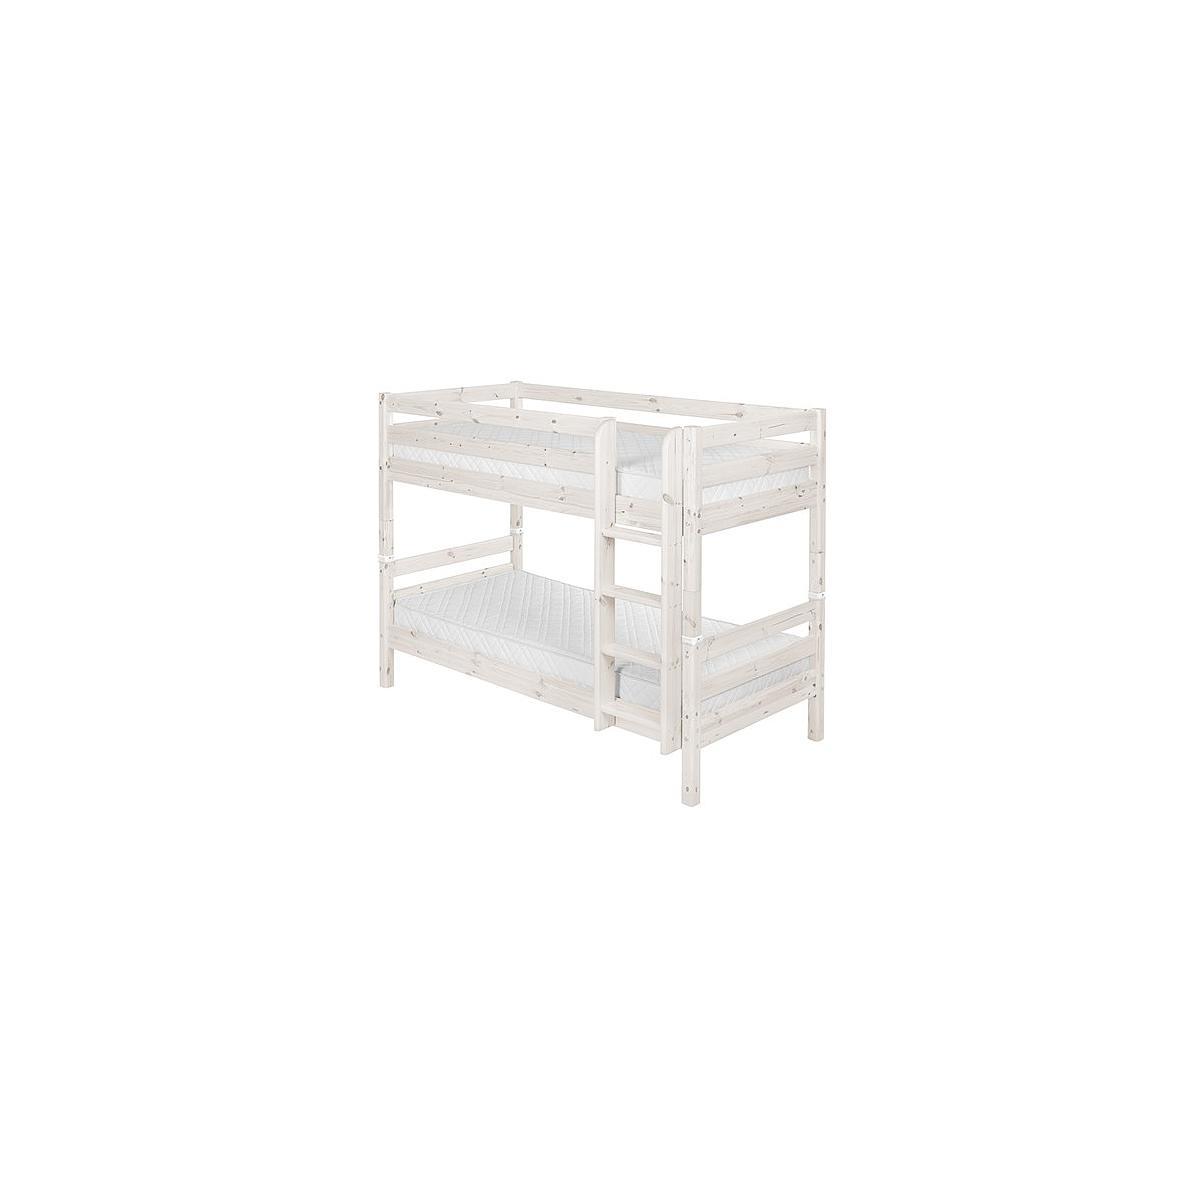 Litera 90x190 CLASSIC Flexa escalera recta blanco cal